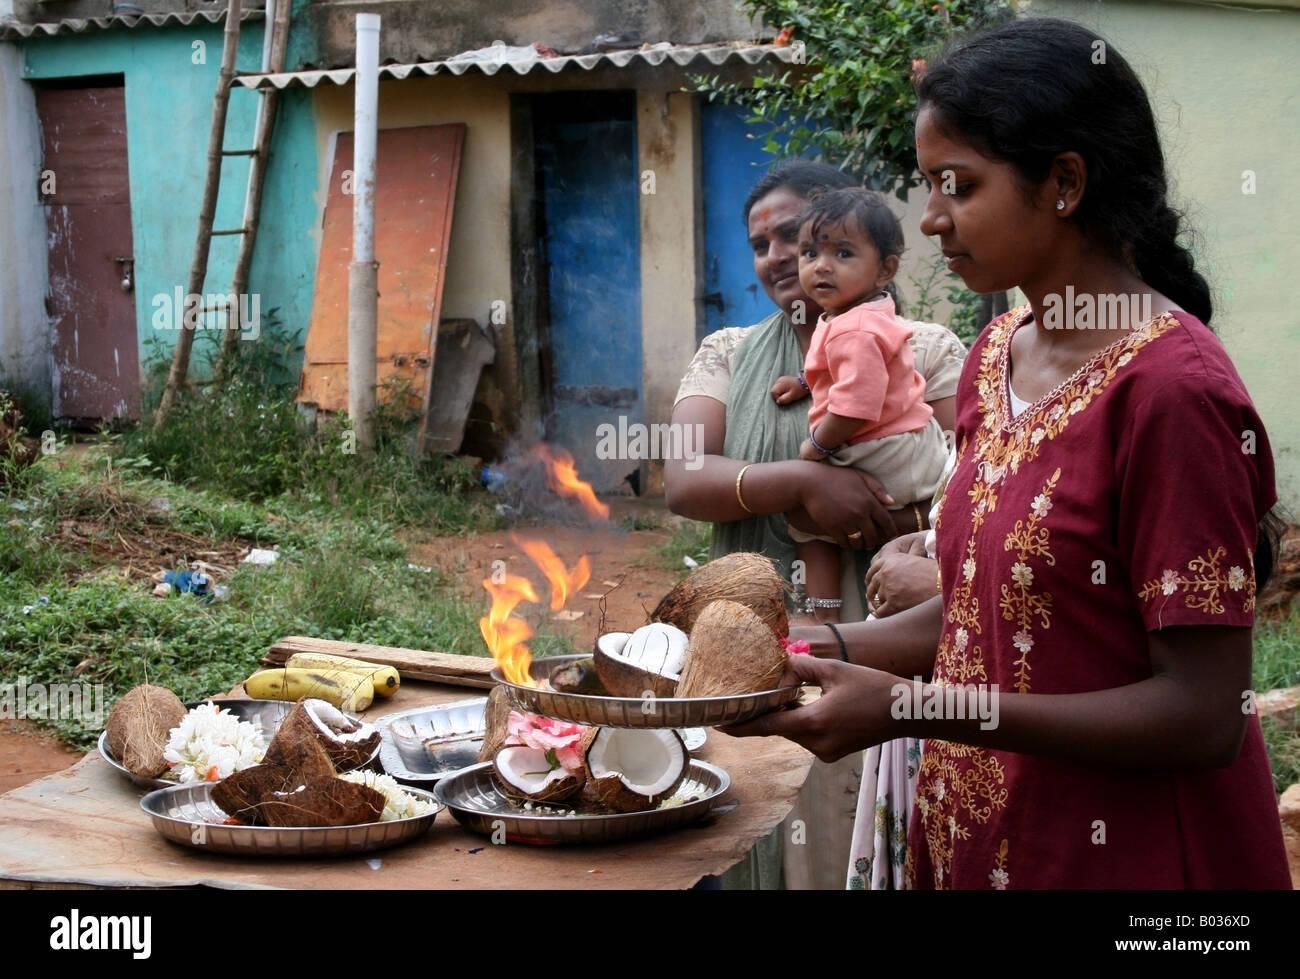 La donna si prepara arti pooja a benedire un gigante Ganesh processione passando la sua casa , Ganesh Chaturthi Immagini Stock